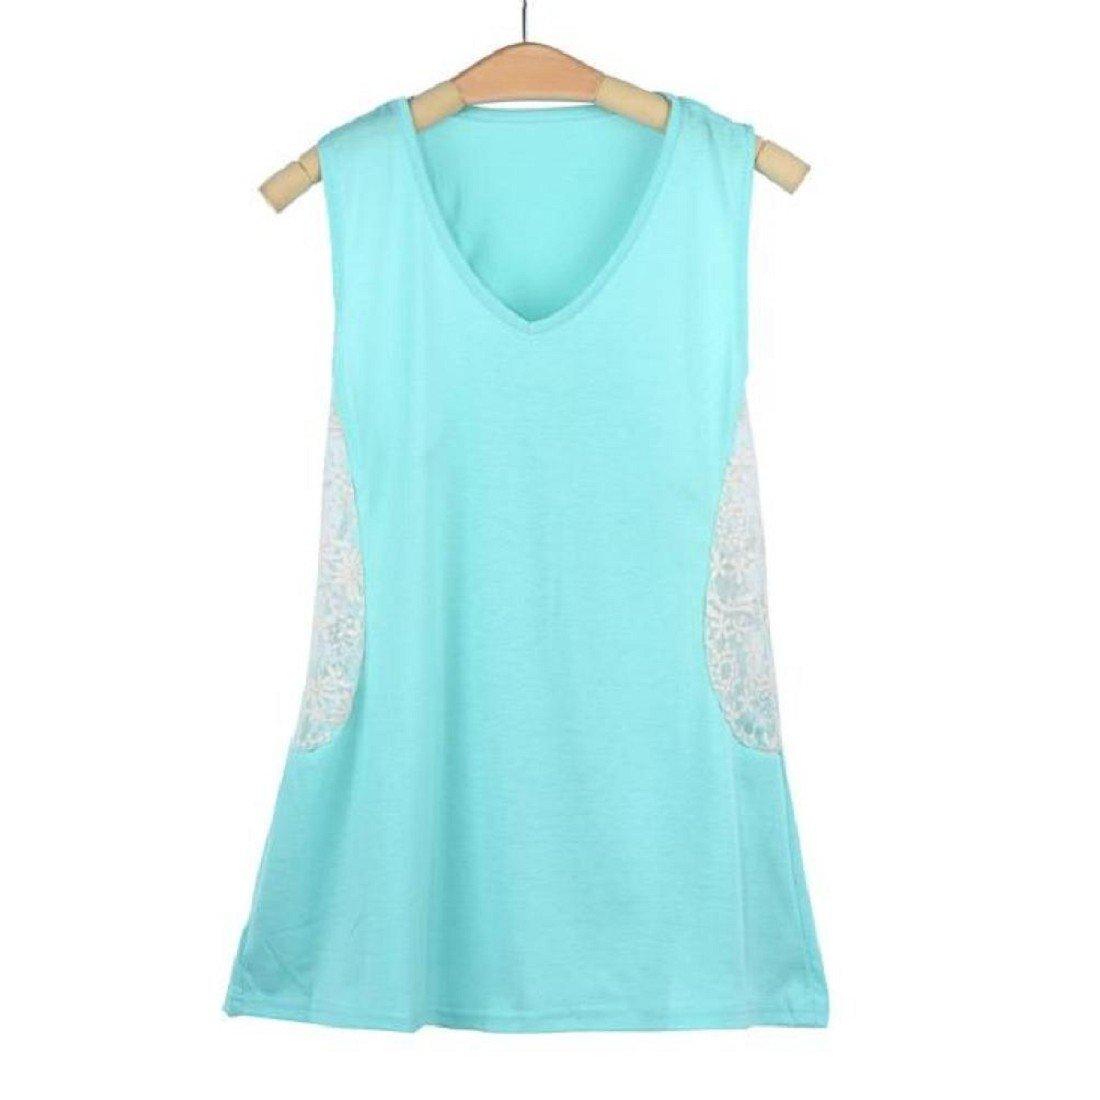 Tongshi Verano de Las Mujeres del Chaleco sin Mangas de la Camisa de la Blusa de Las Camisetas sin Mangas Ocasional